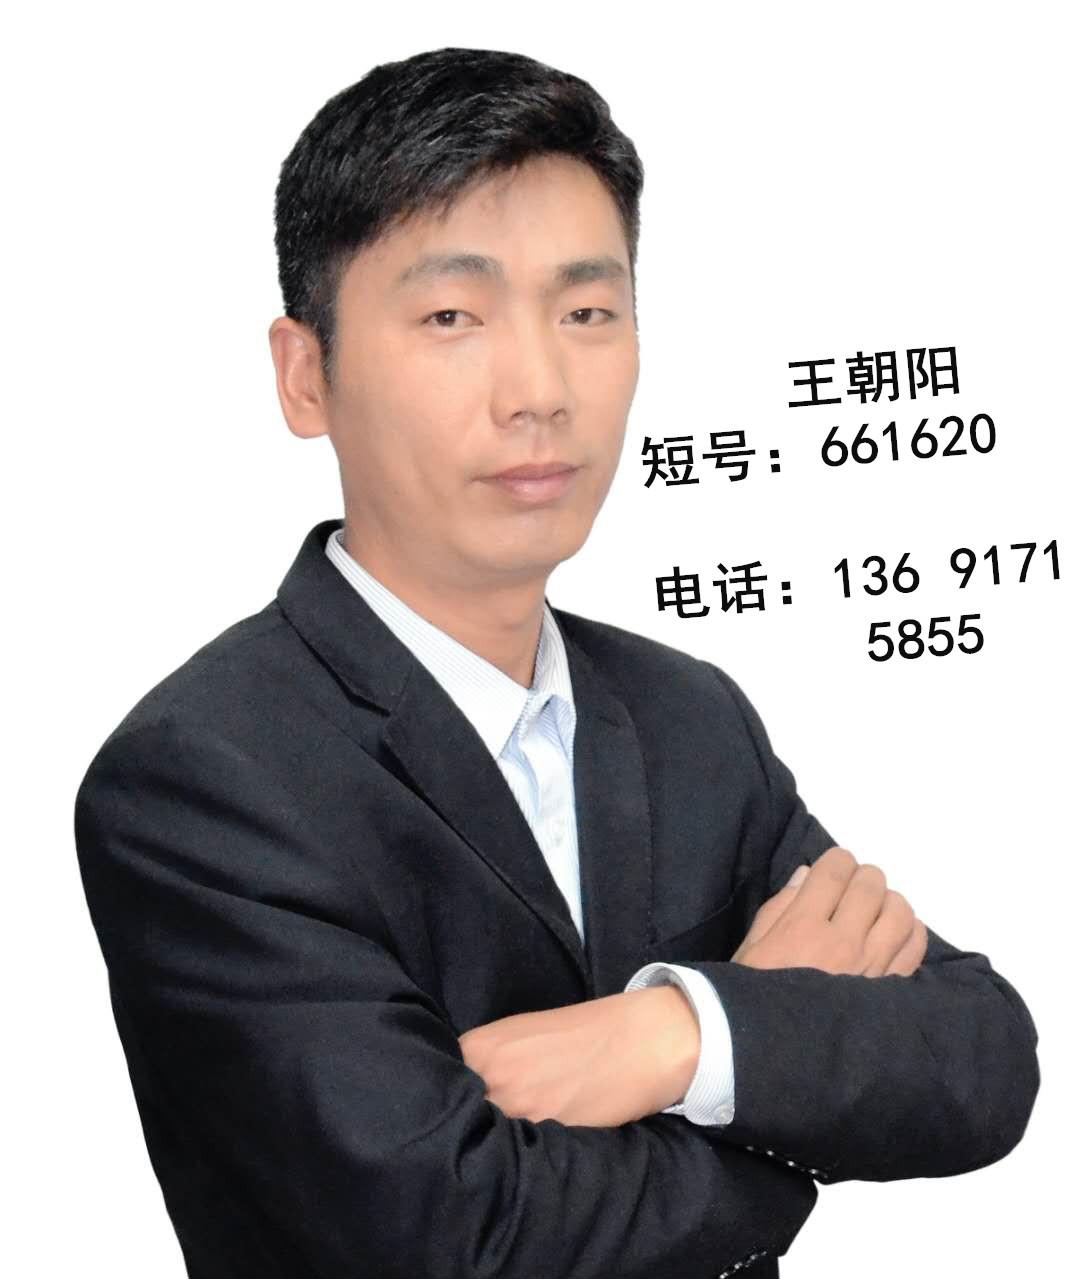 厂房经纪人王朝阳